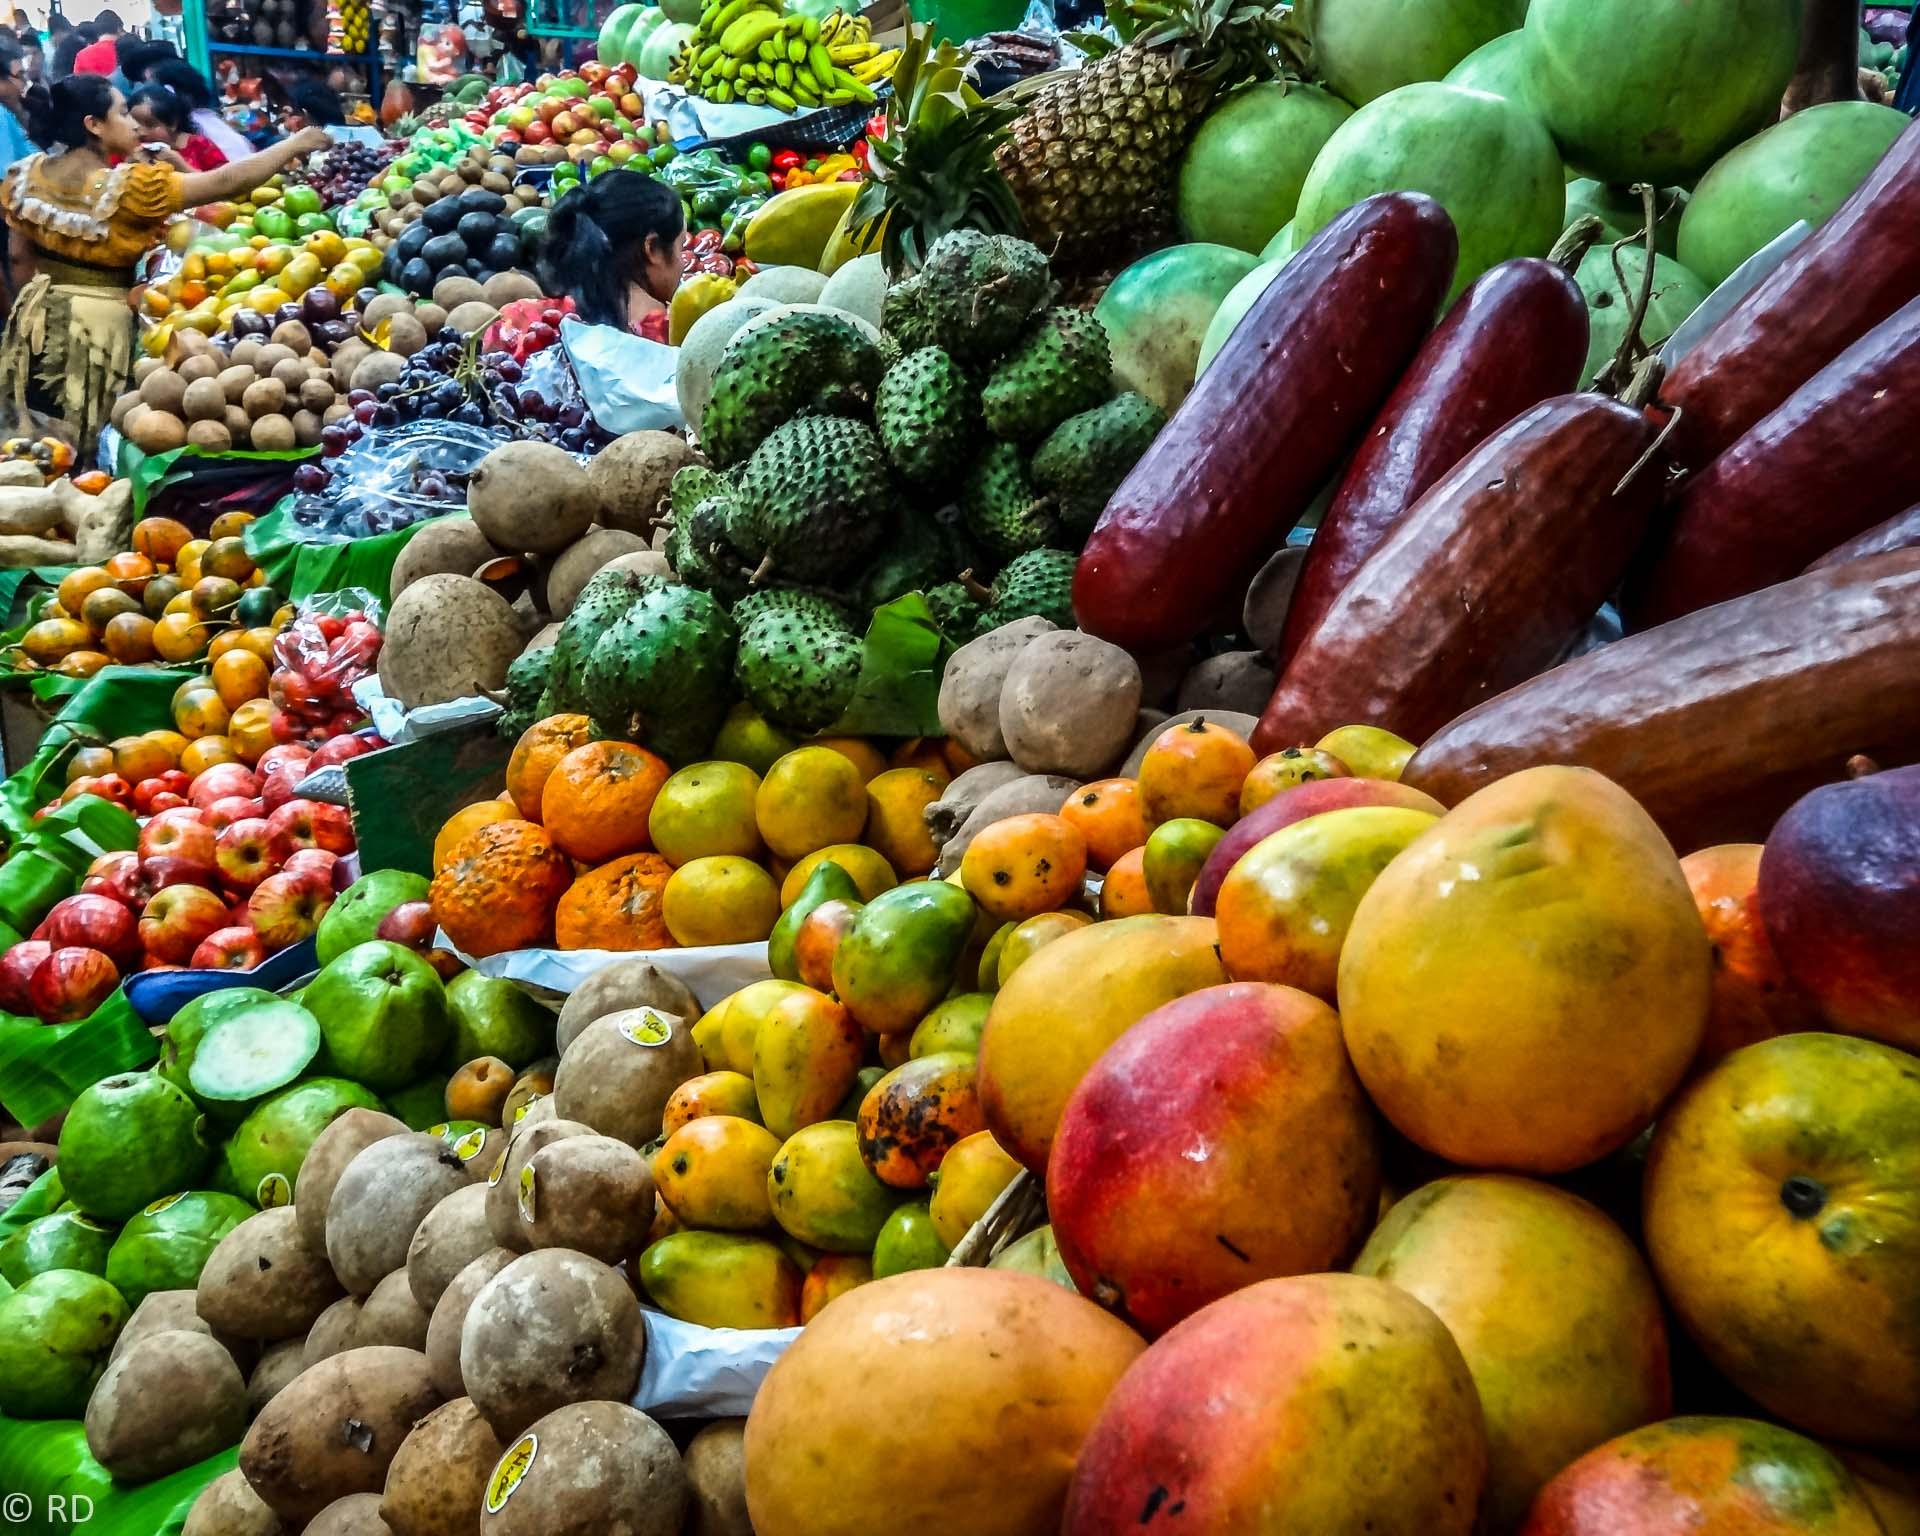 Hintergrundbilder : Reise, Menschen, Lebensmittel, Farbe, Grün ...